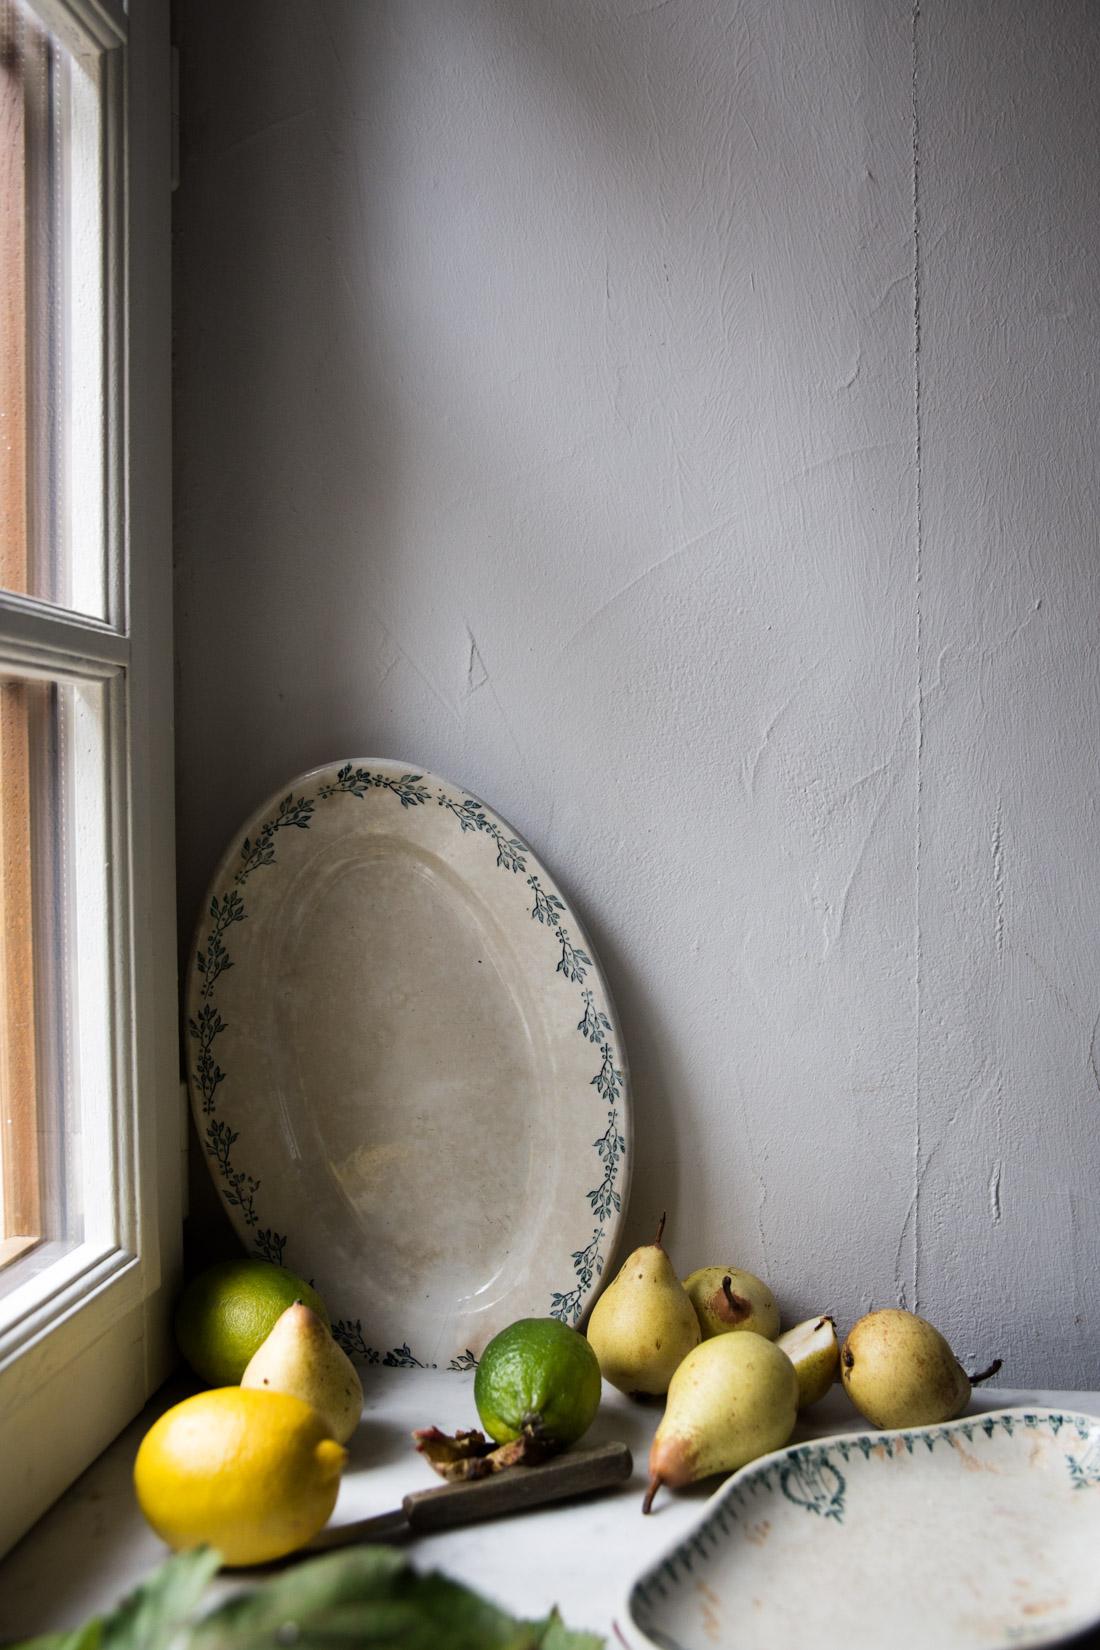 poires-ophelie-lauret-ophelies-kitchen-book-5